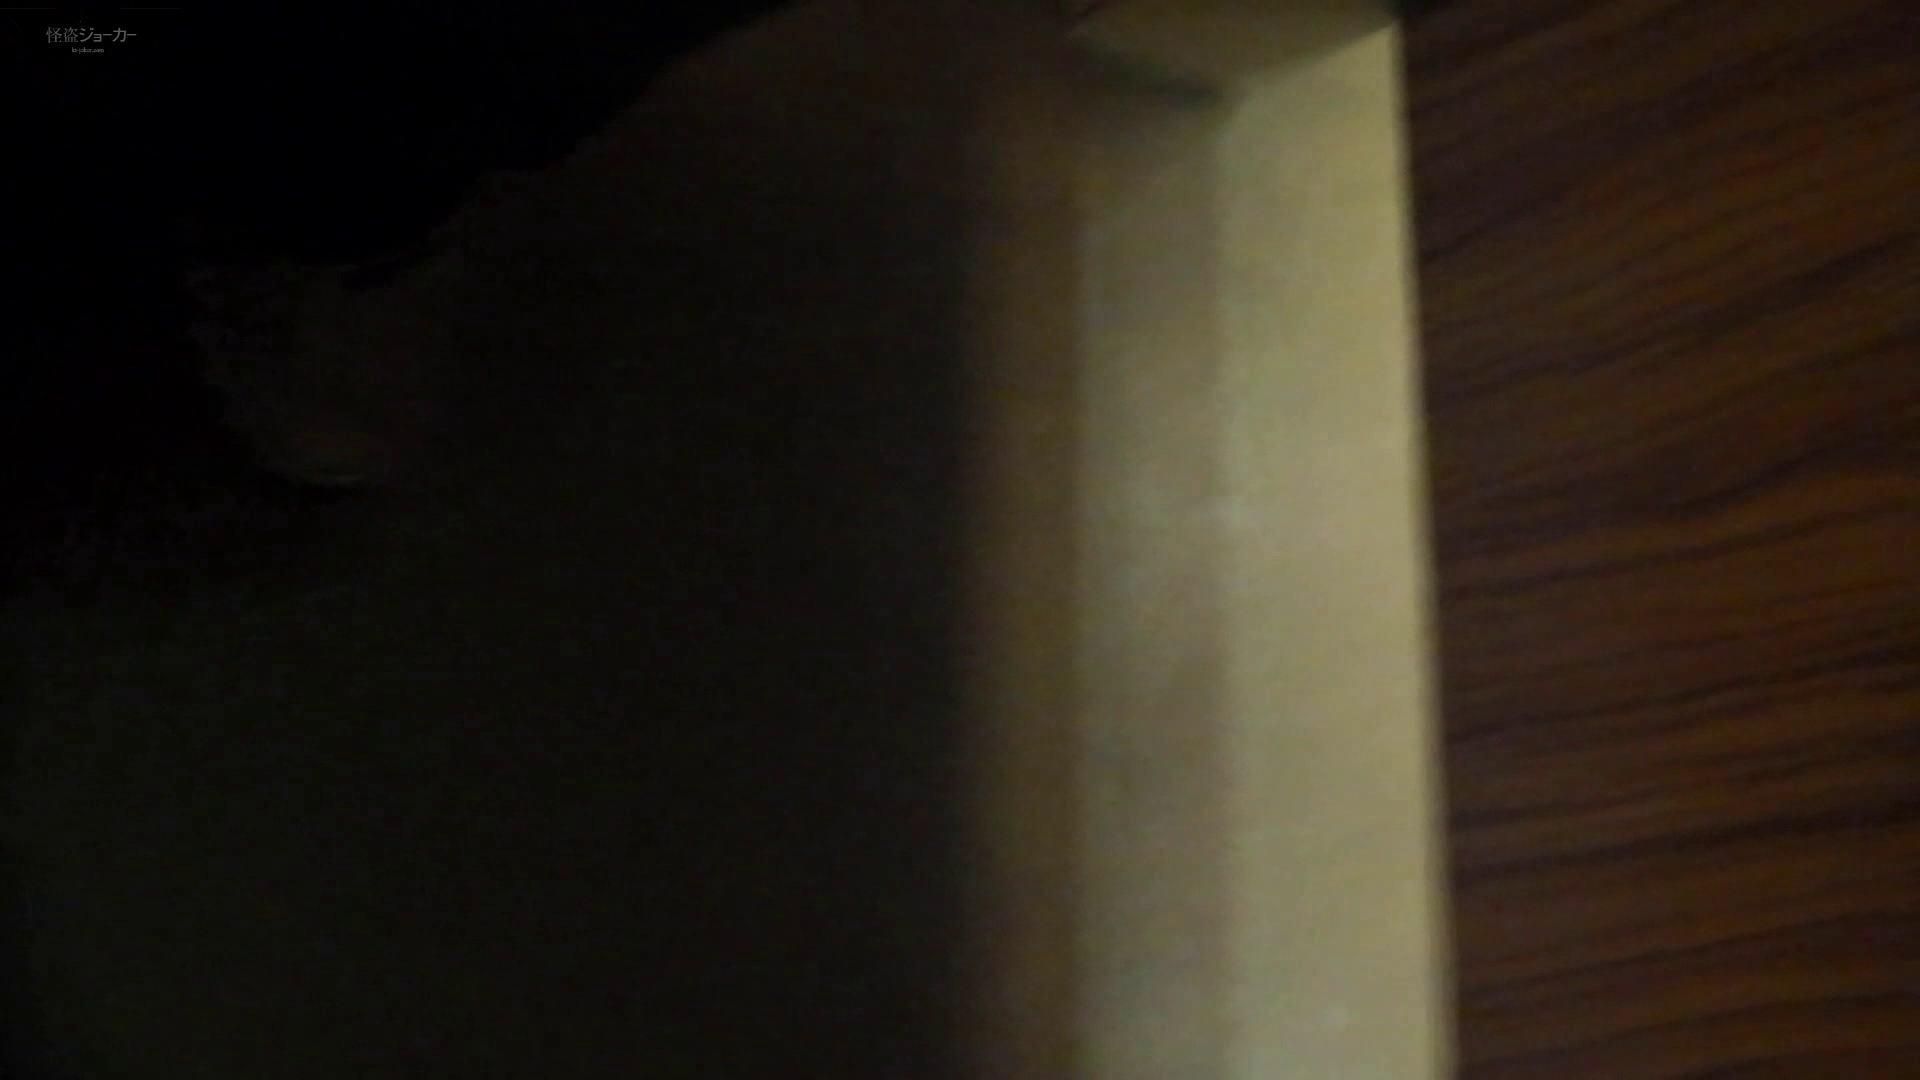 アダルトエロ動画|和式洋式七変化 Vol.28 綺麗に撮れました。(ー_ー)!!|怪盗ジョーカー